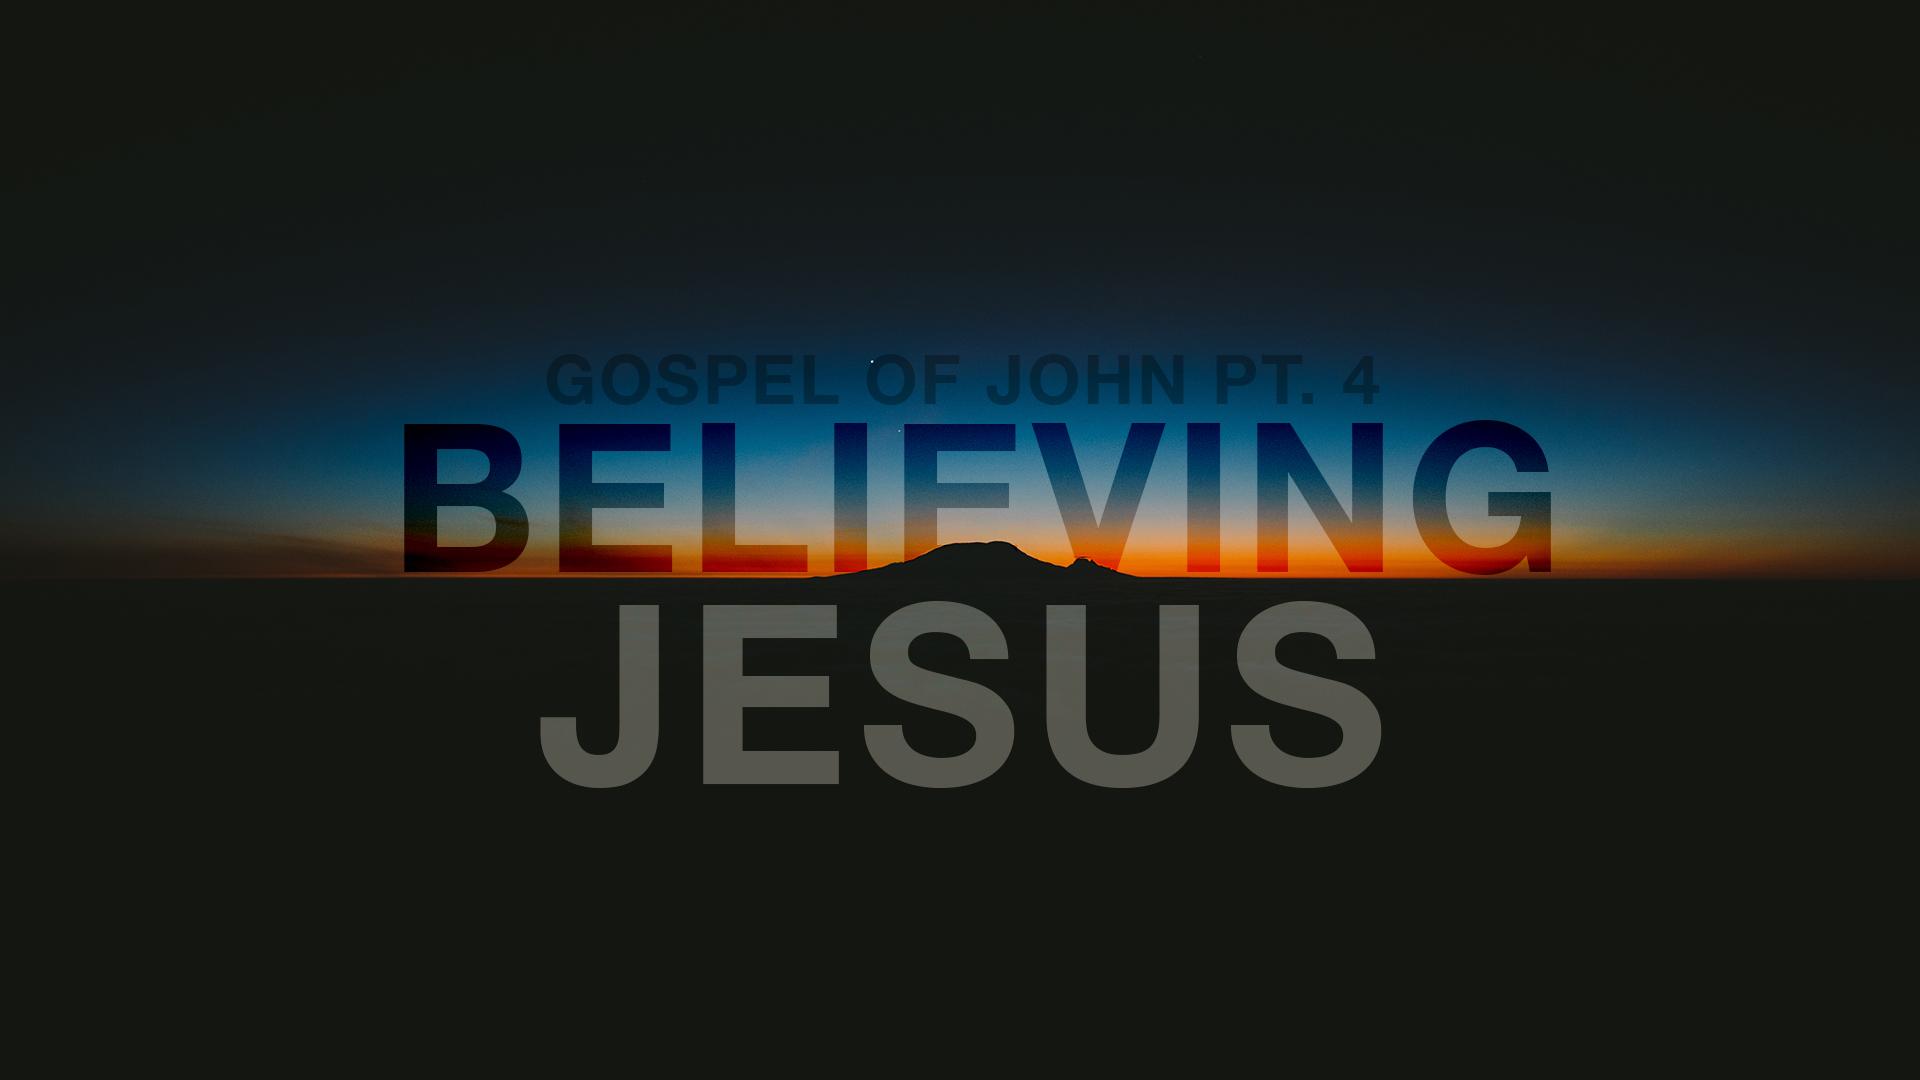 Gospel of John Pt. 4: Believing Jesus